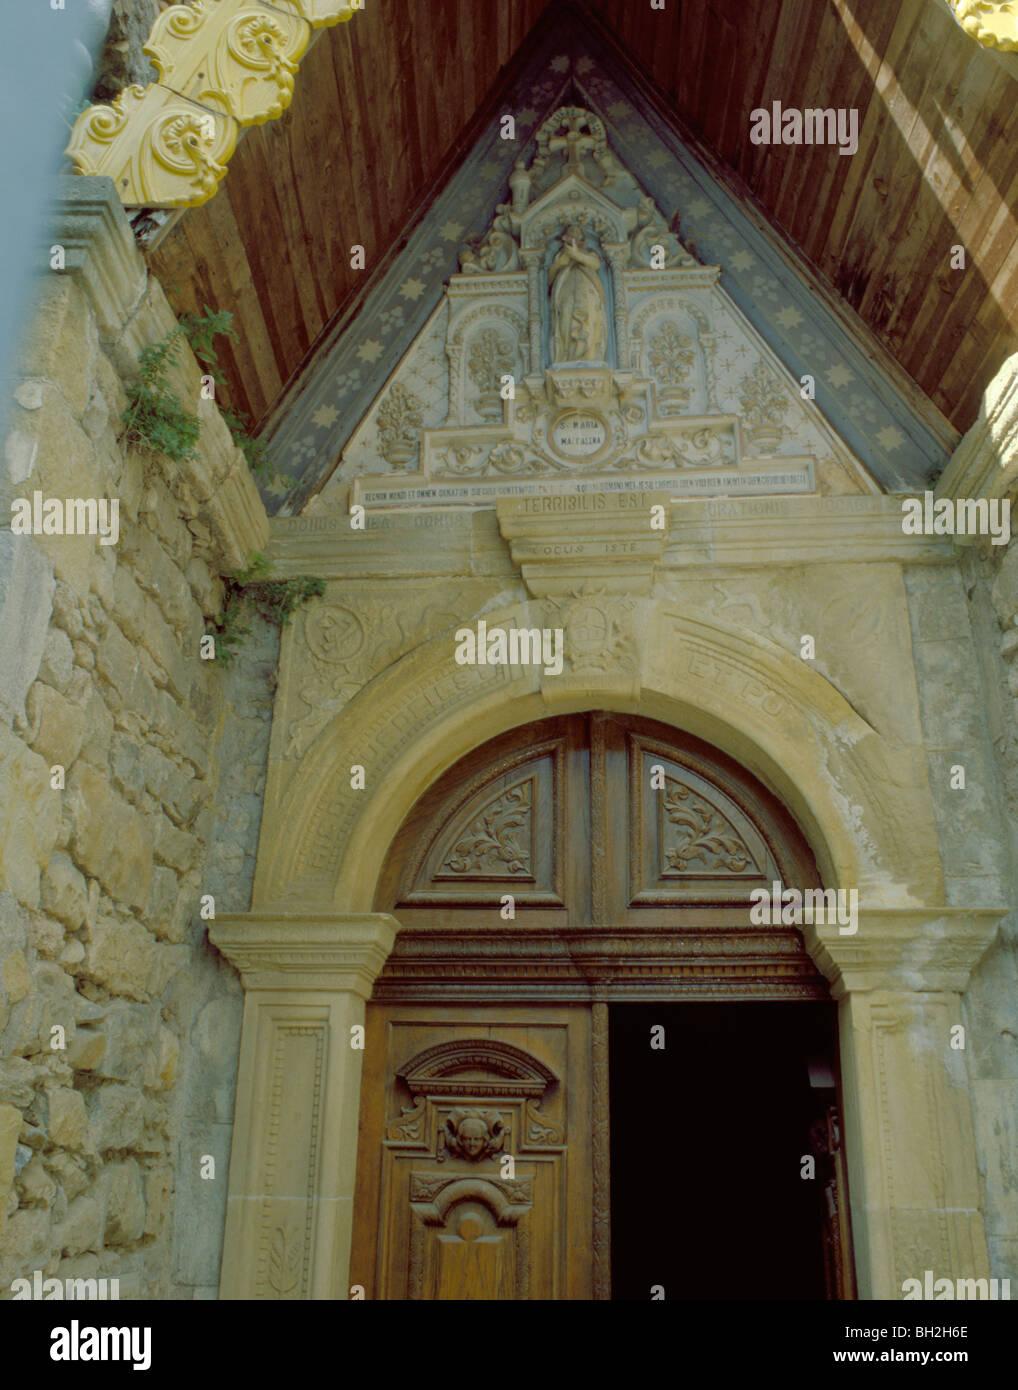 Quot Terribilis Est Locus Iste Quot Inscription Over Door Eglise